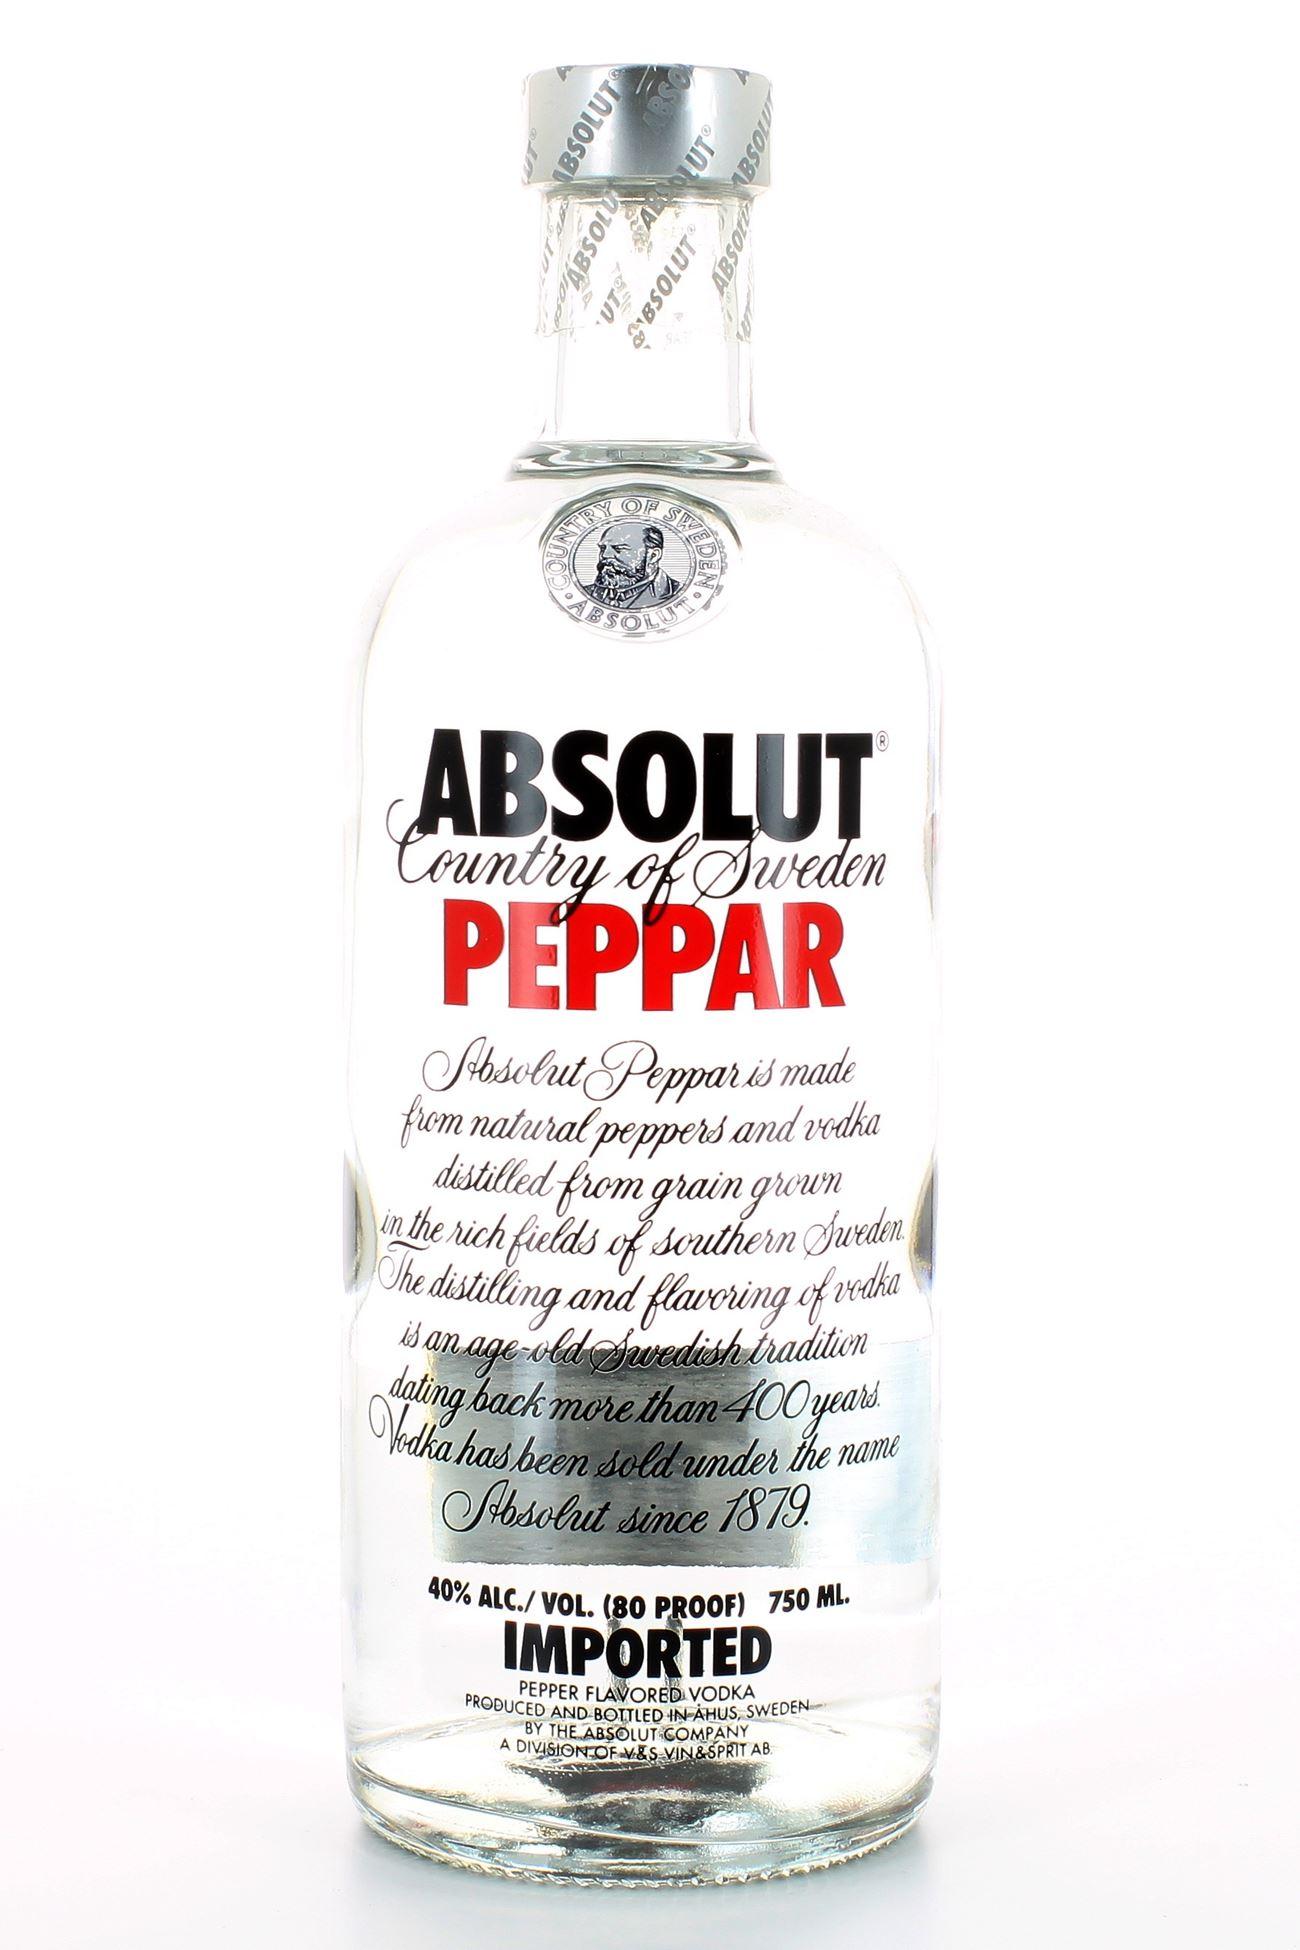 Absolut Peppar – Abolutregis